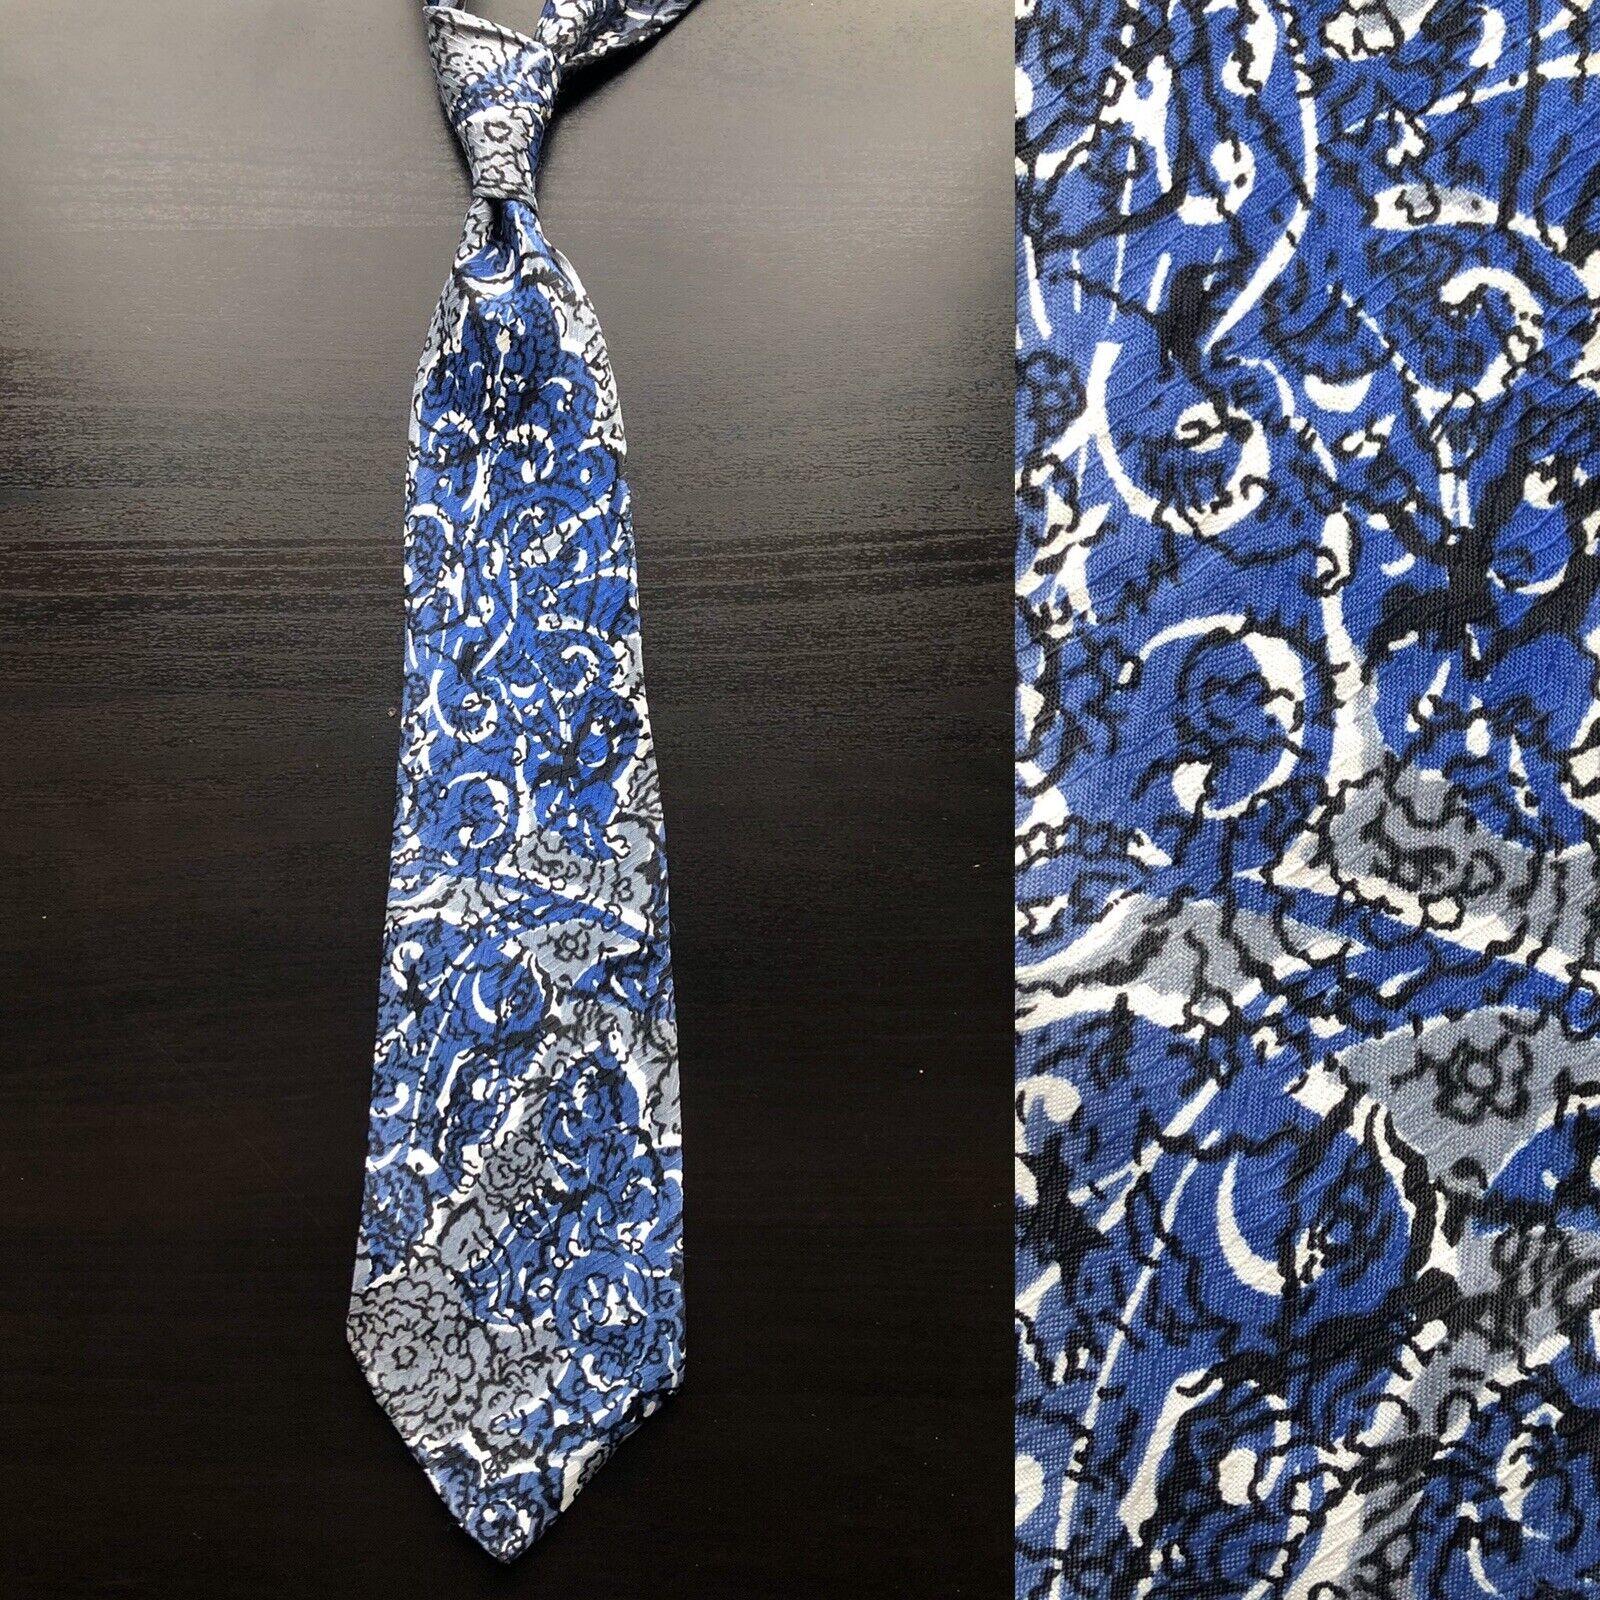 'Blue & Black Flowers' Gray Tie EUC VTG Art Deco 1930s 1940s Batik Art Deco